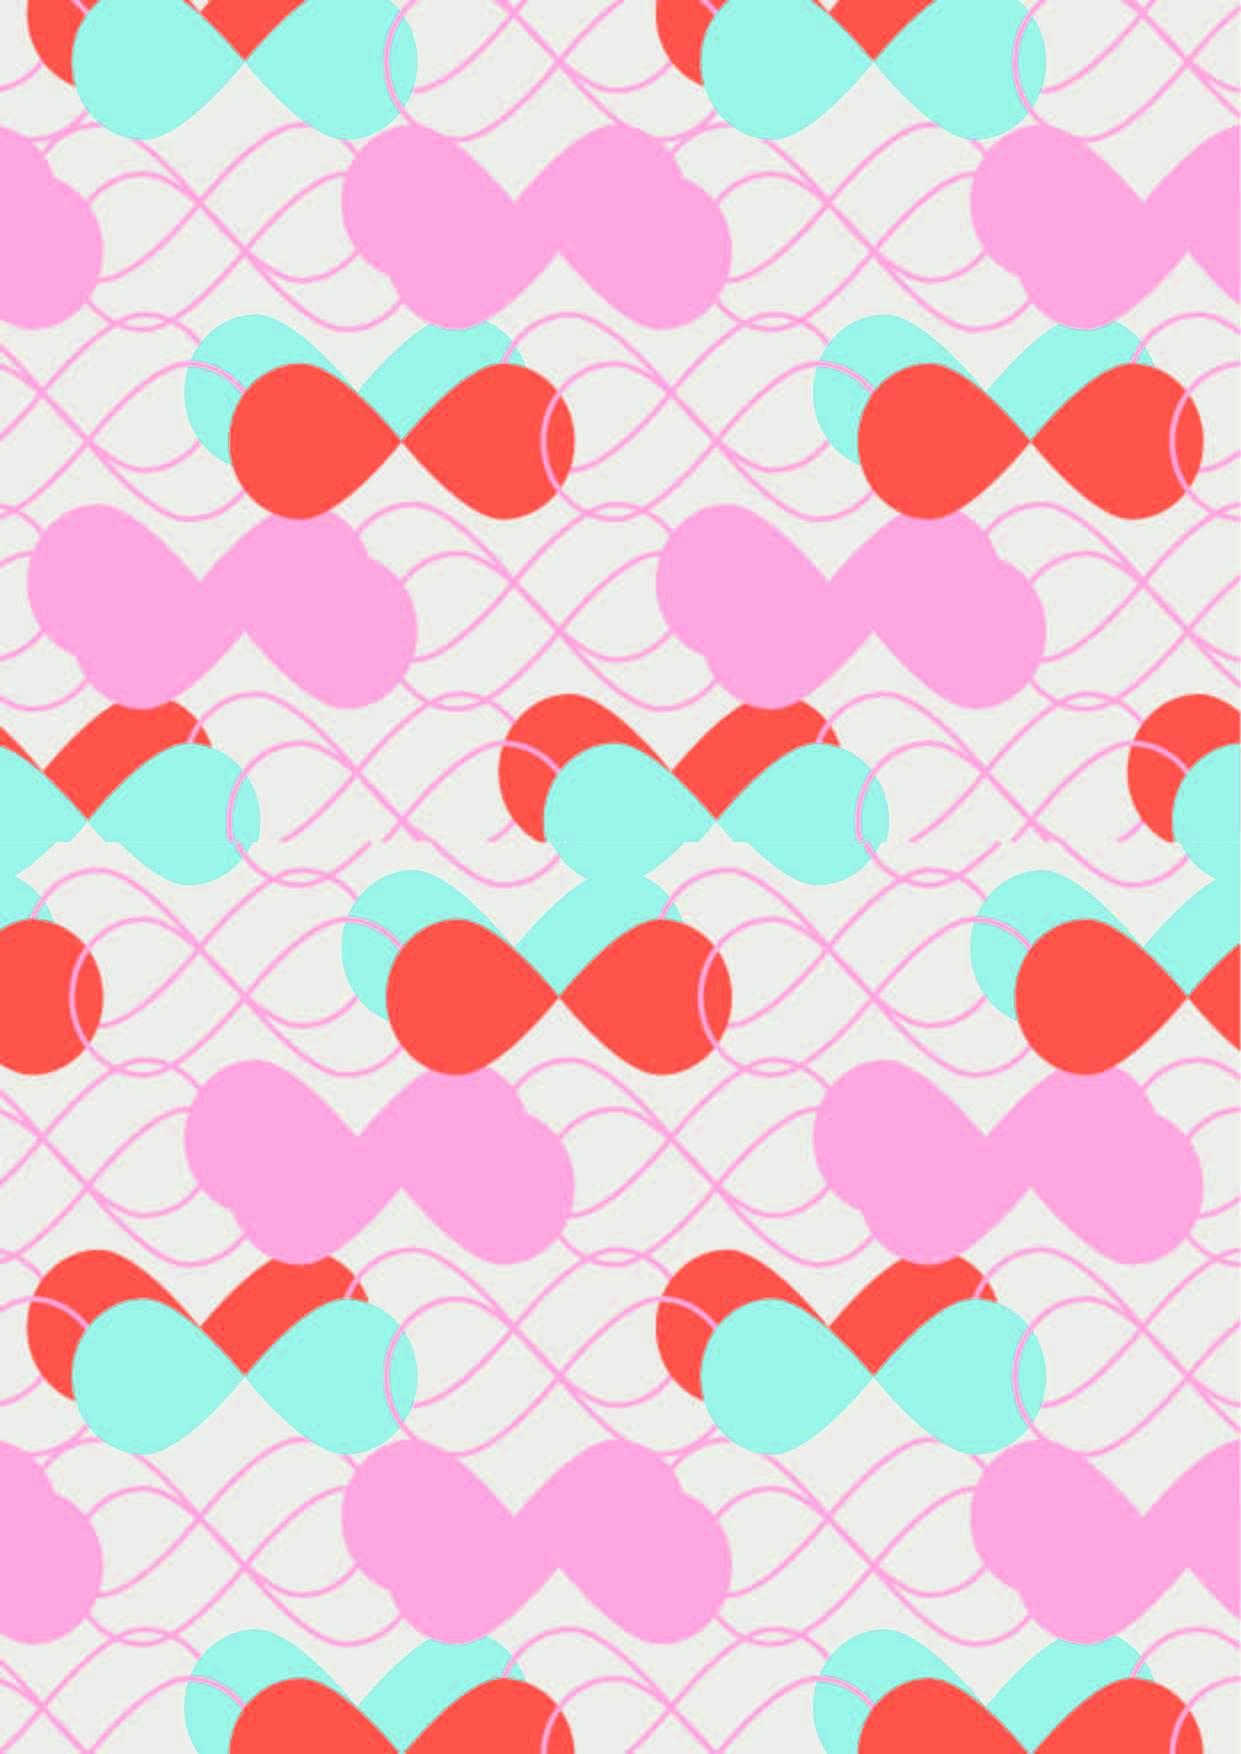 几何图案波浪线条印花矢量图服装裁片T恤烫图印花花型素材-POP花型网